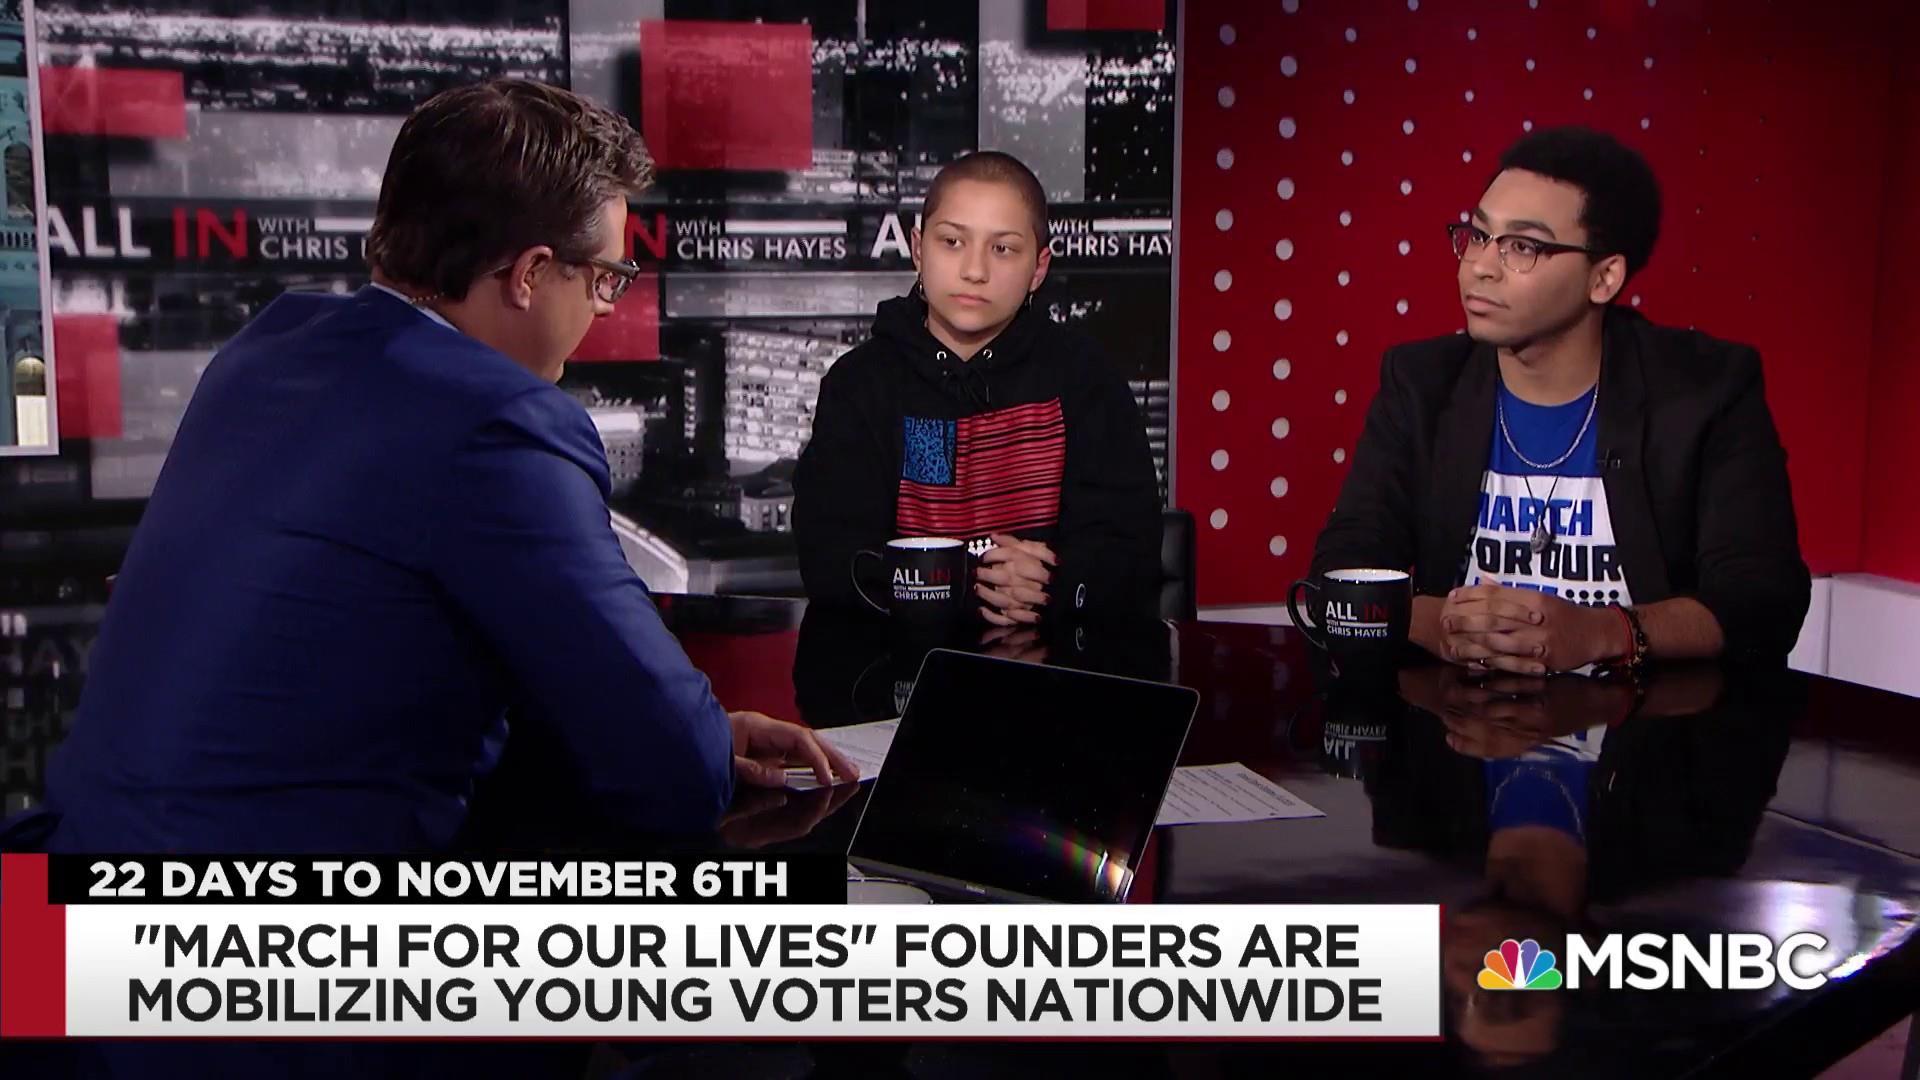 Parkland survivor Emma Gonzalez is mobilizing young voters